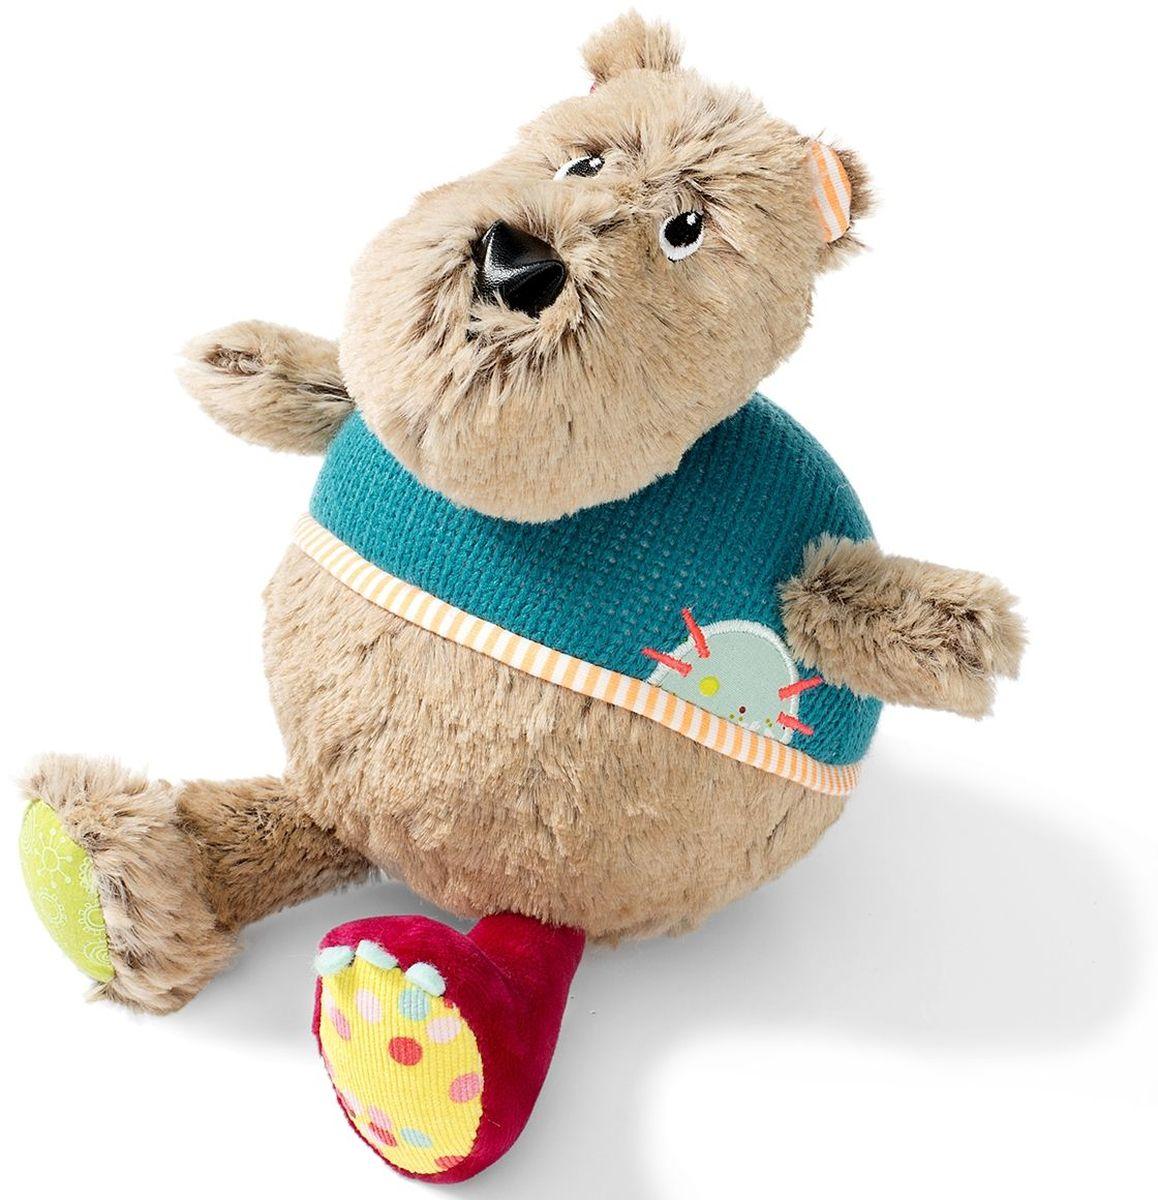 Lilliputiens Неваляшка Медвежонок Цезарь  сумки для детей lilliputiens медвежонок цезарь мягкая сумочка через плечо